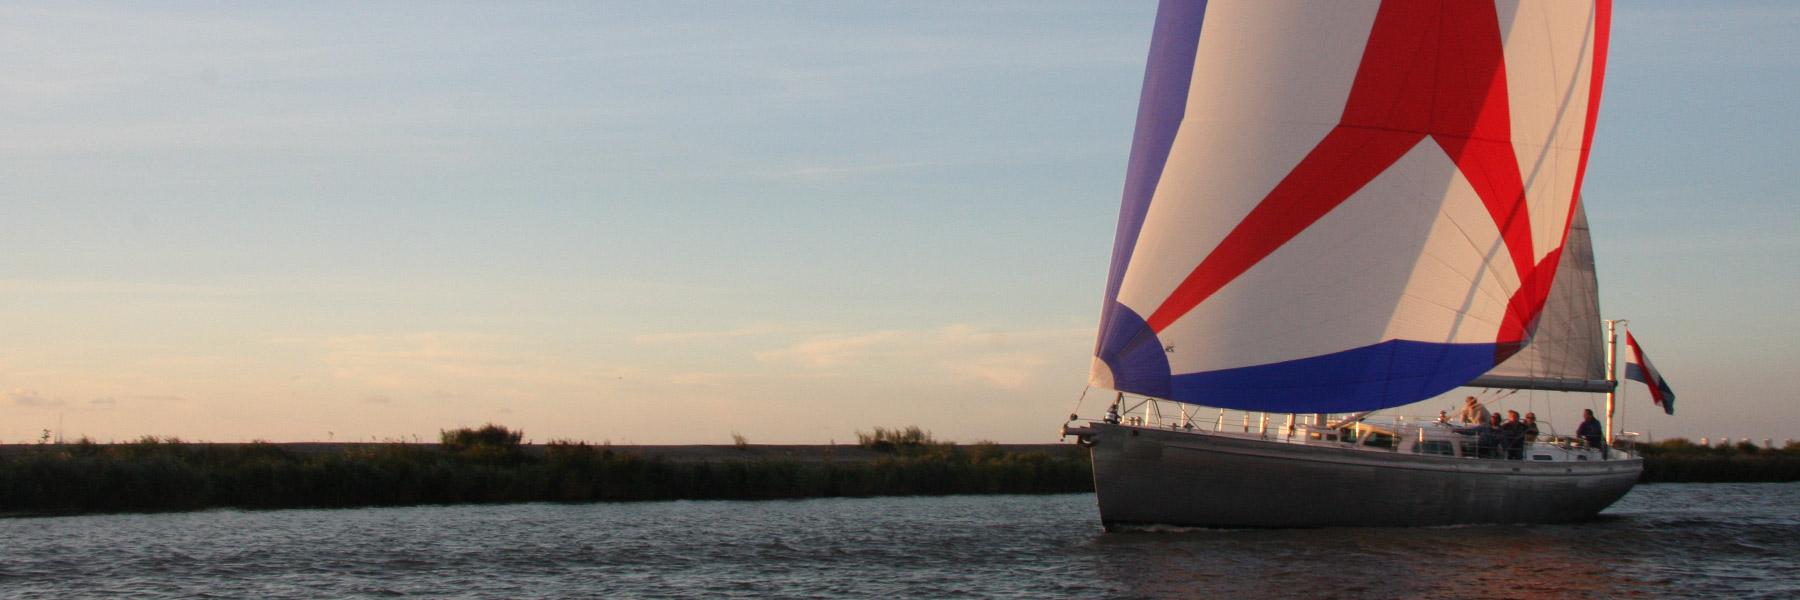 Zeiljacht-ULURU-op-het-IJsselmeer